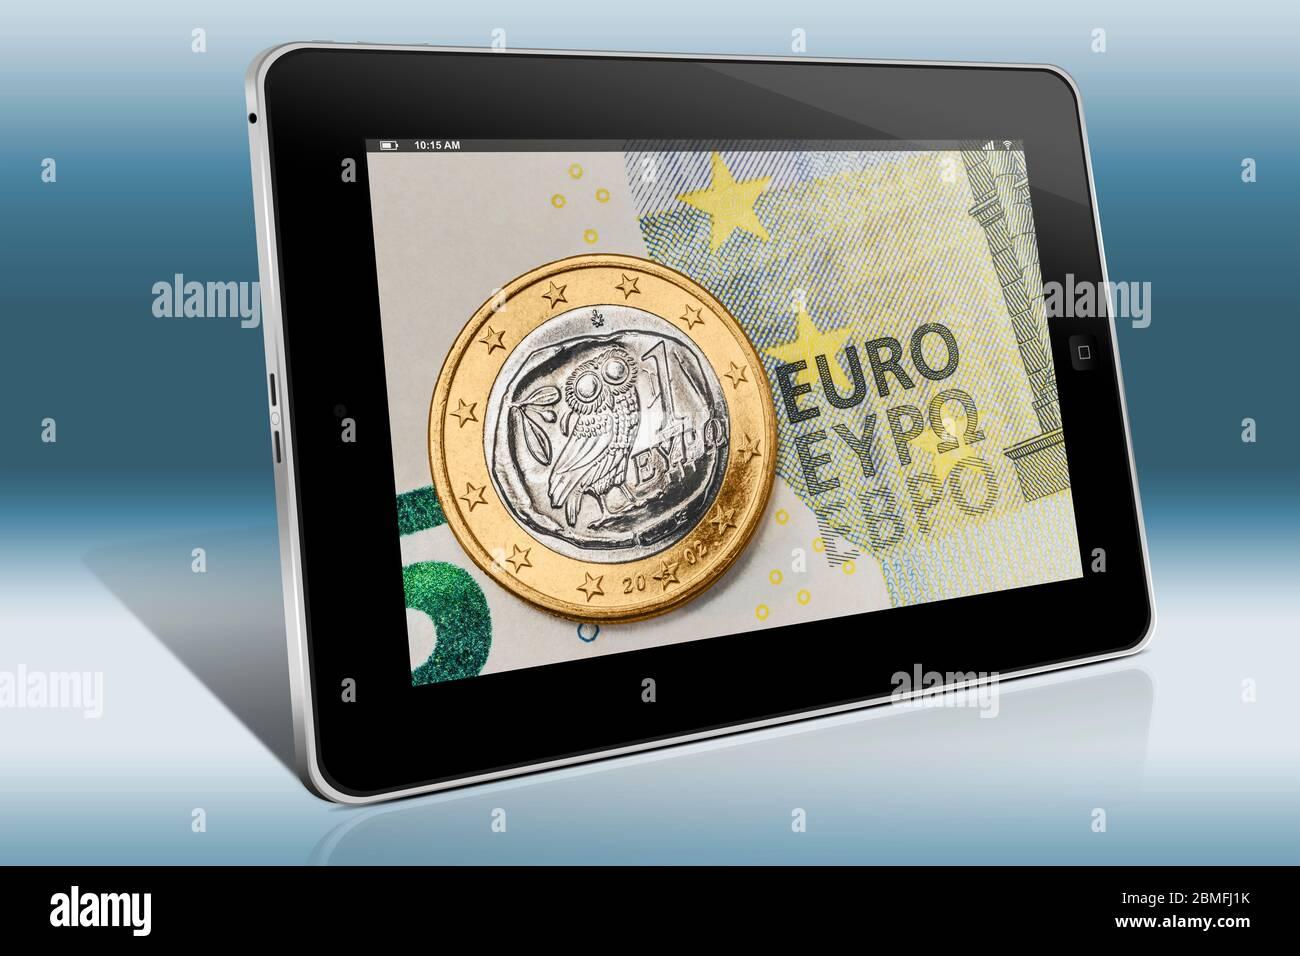 Una moneda de 1 euro de Grecia en un billete de 5 euros, vista en un Tablet PC Foto de stock